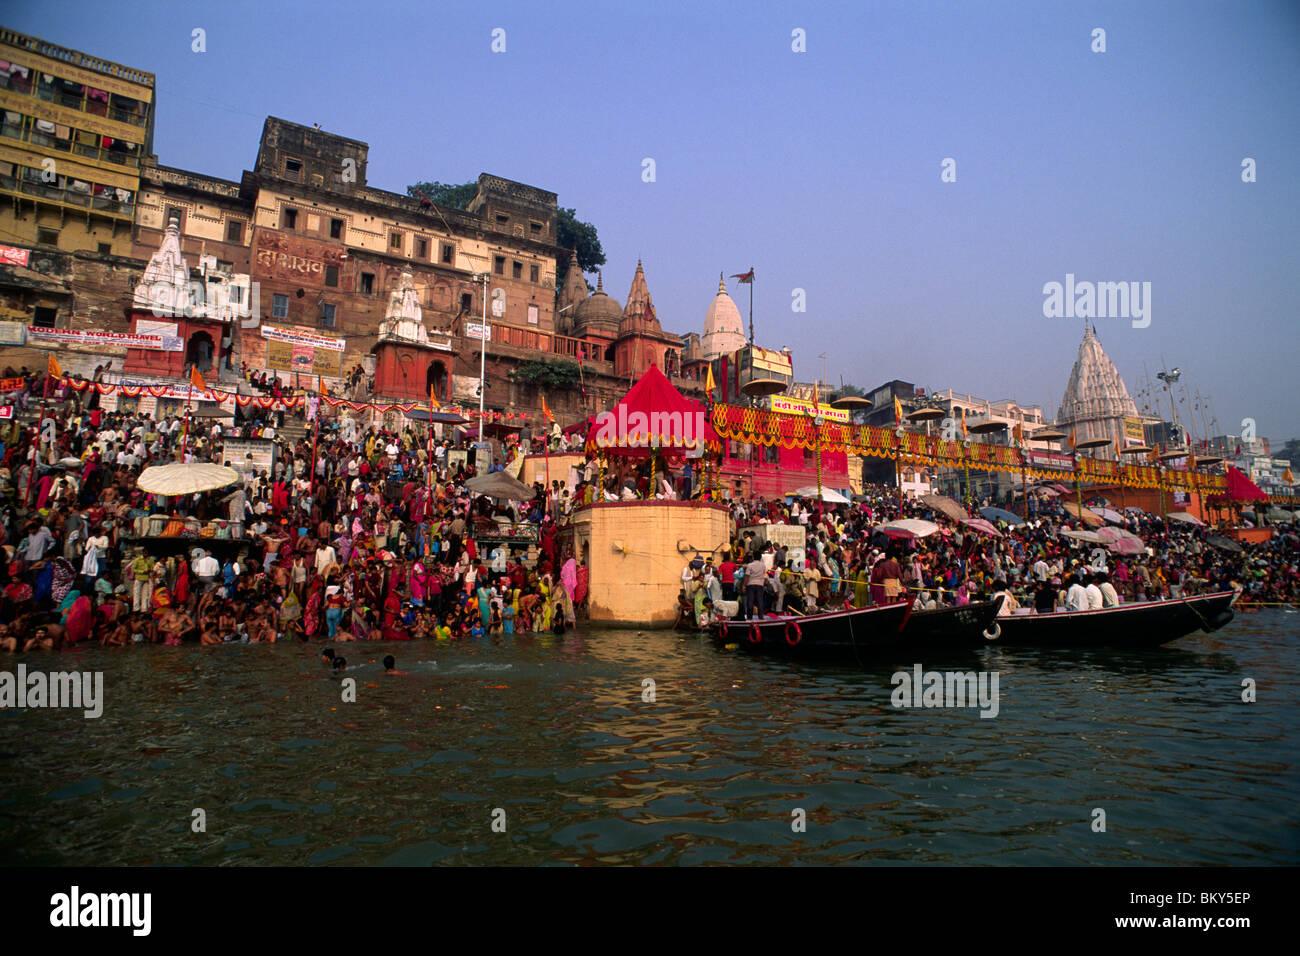 L'Inde, Uttar Pradesh, Varanasi, Gange, festival kartik purnima Photo Stock